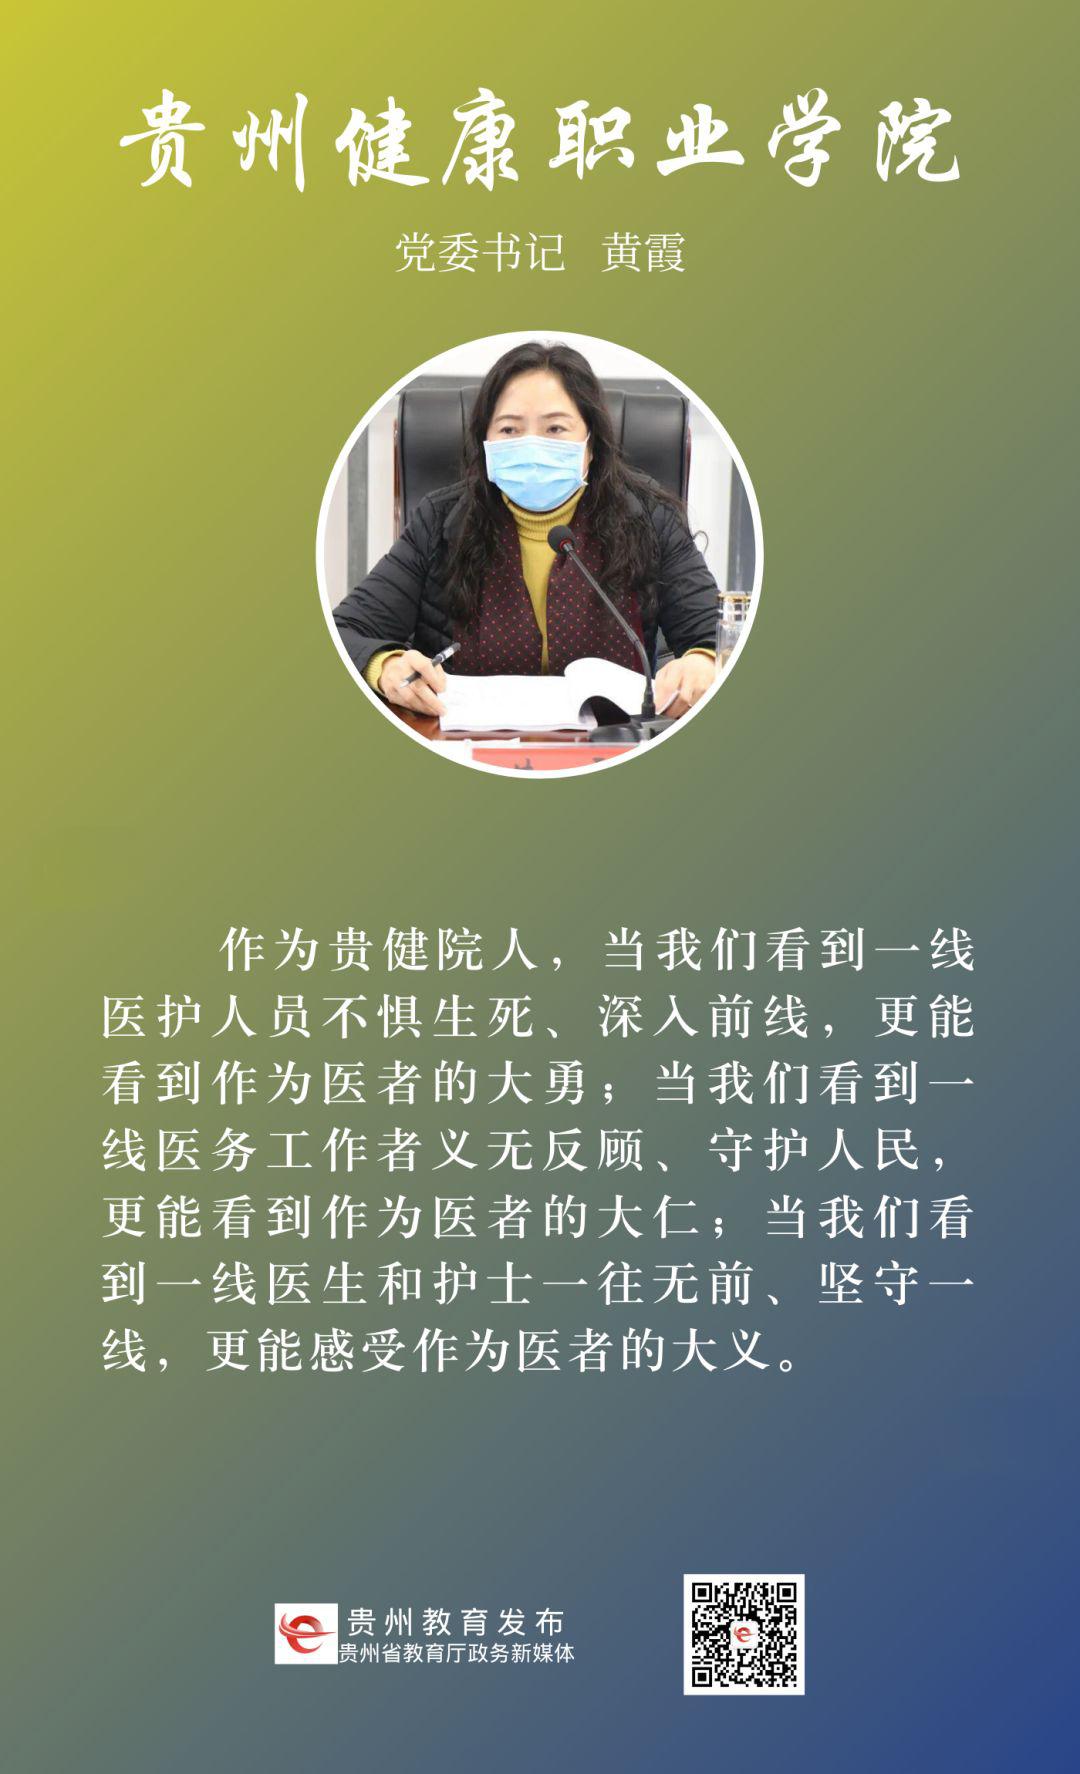 16贵州健康学院.jpg